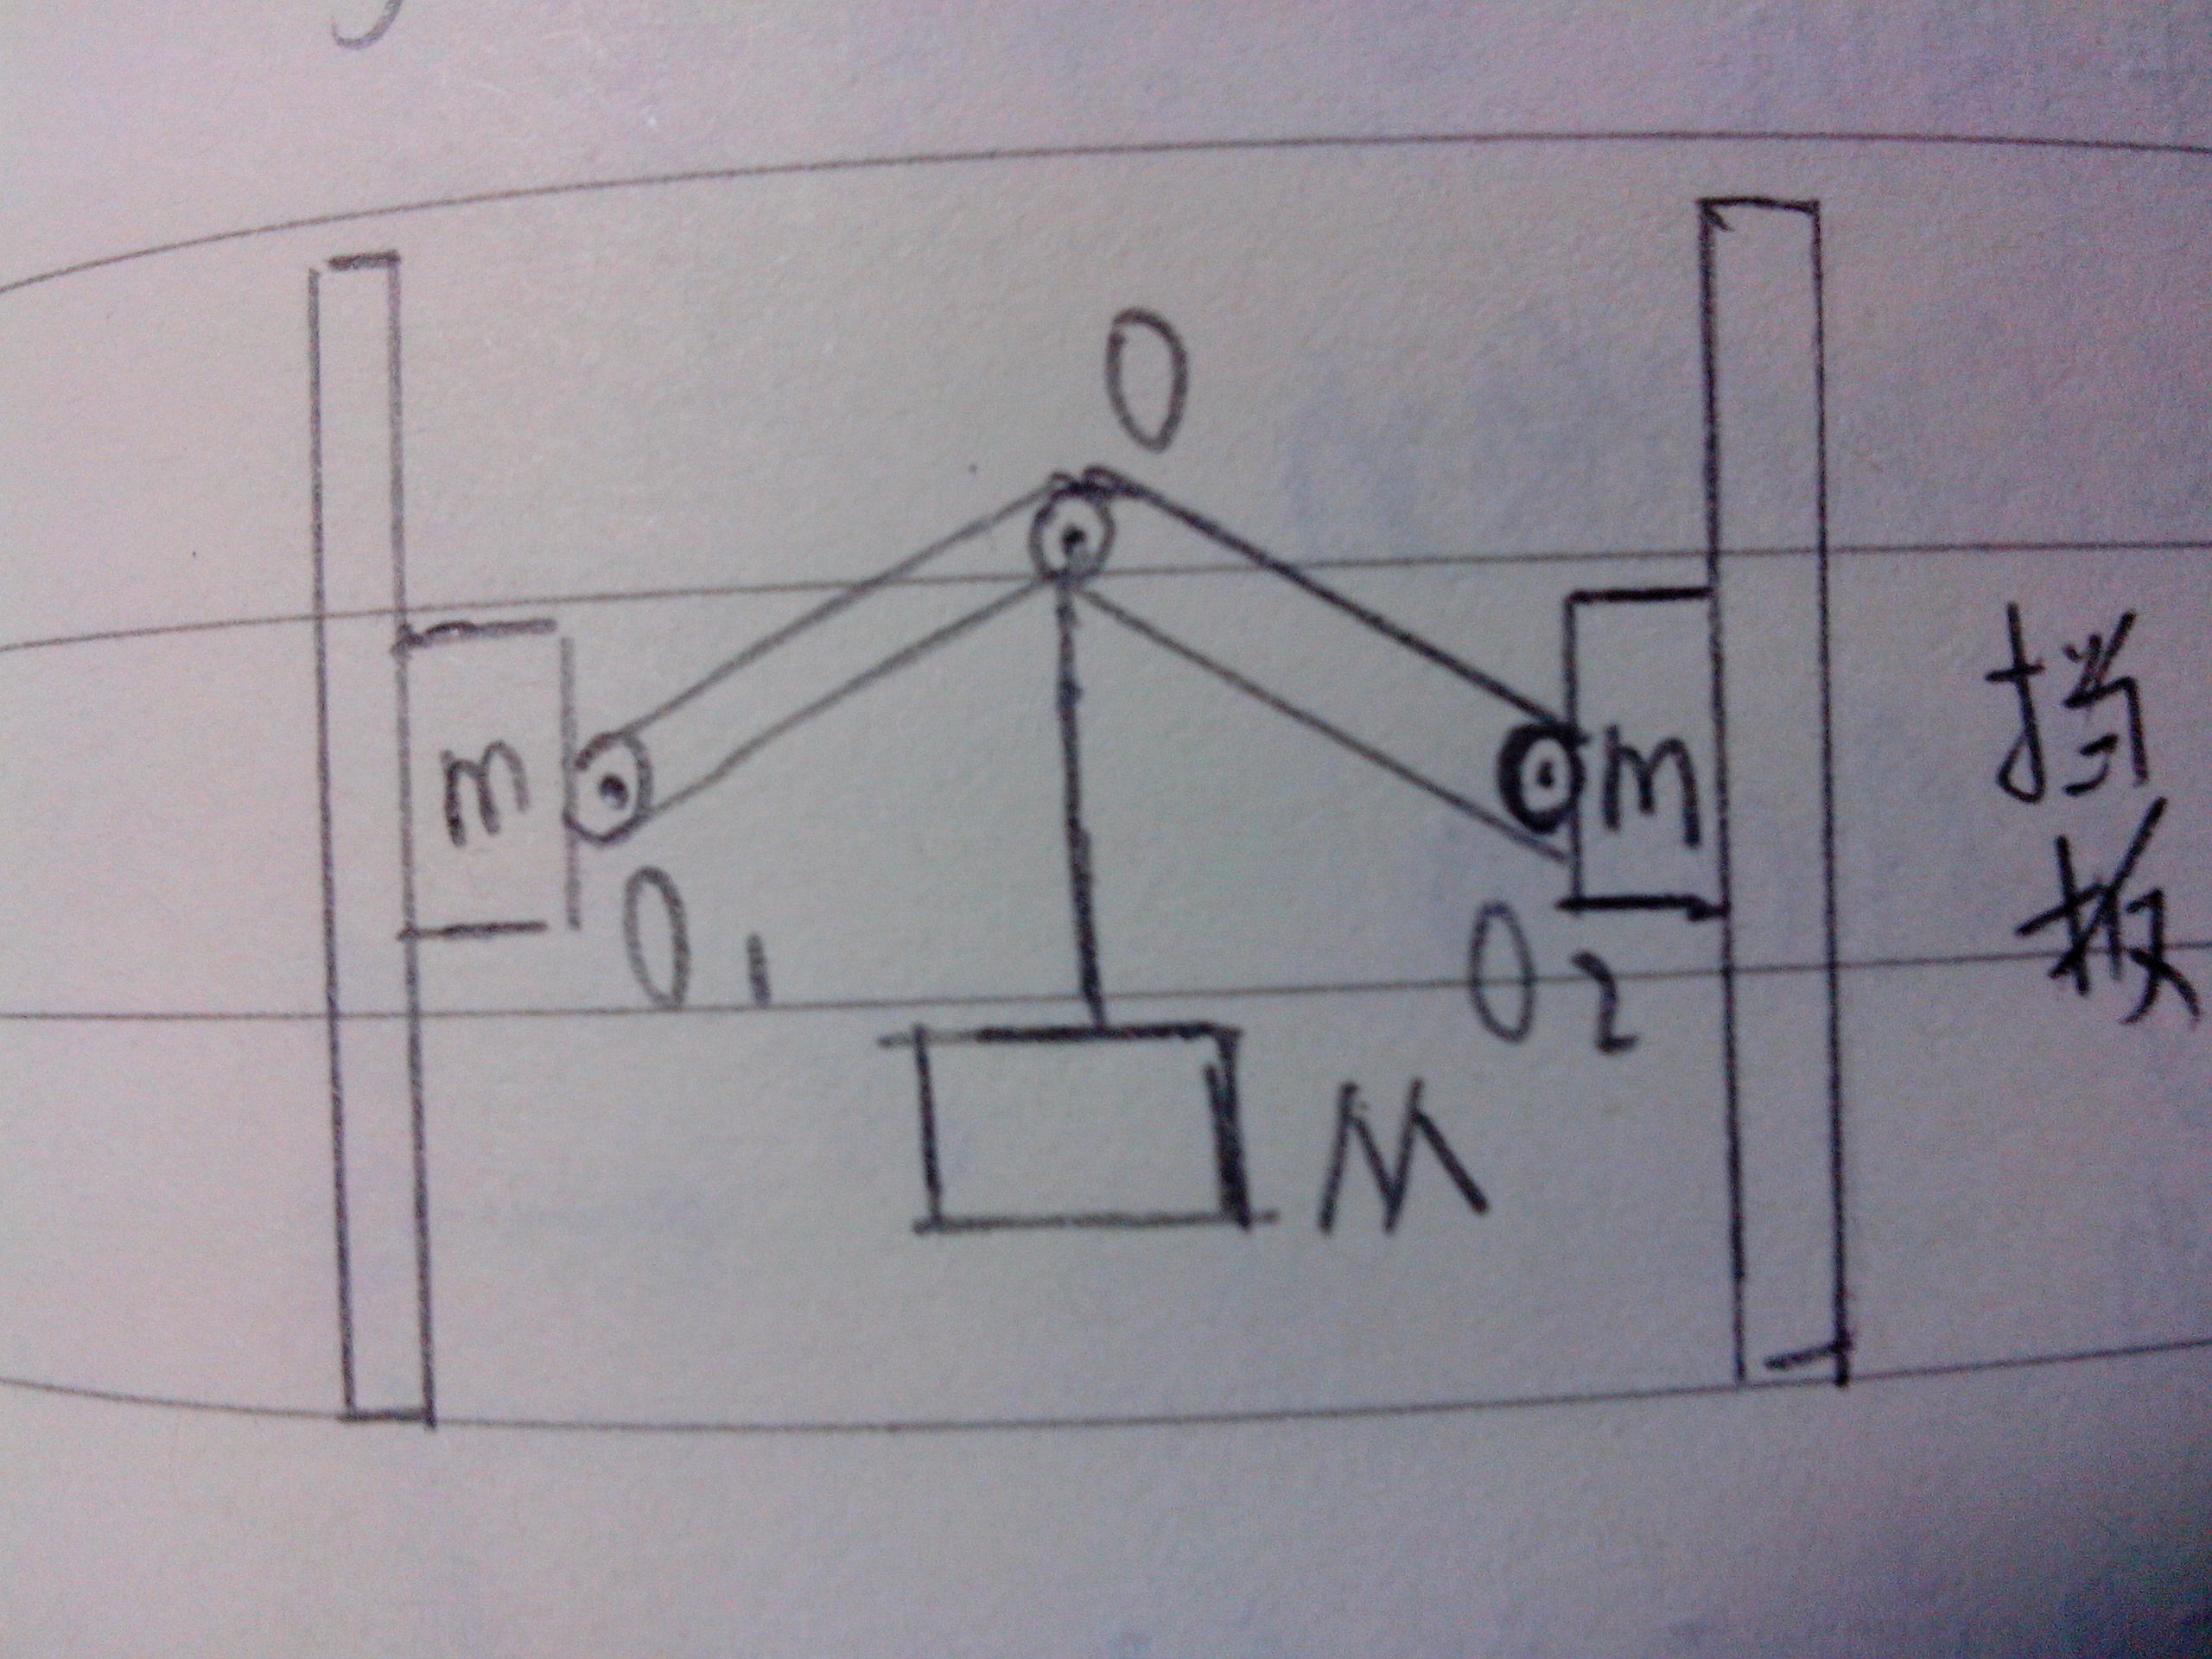 物理力学计算_力学_物理_高三_简单学习答疑网